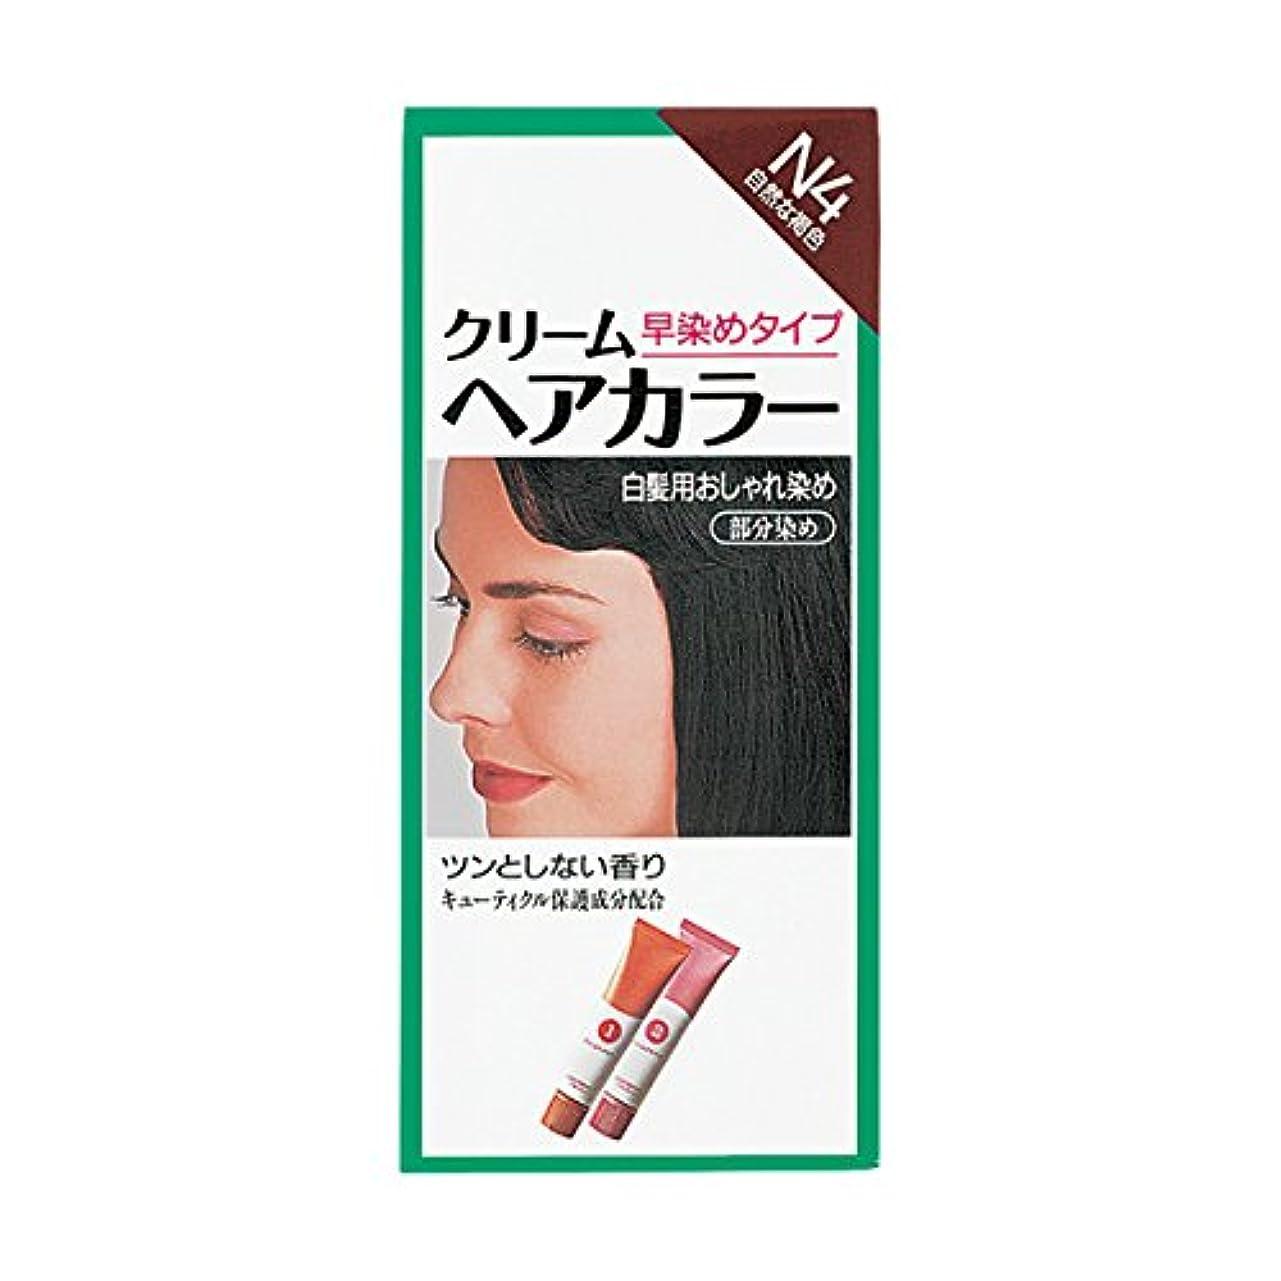 ヒール急降下サーマルヘアカラー クリームヘアカラーN N4 【医薬部外品】